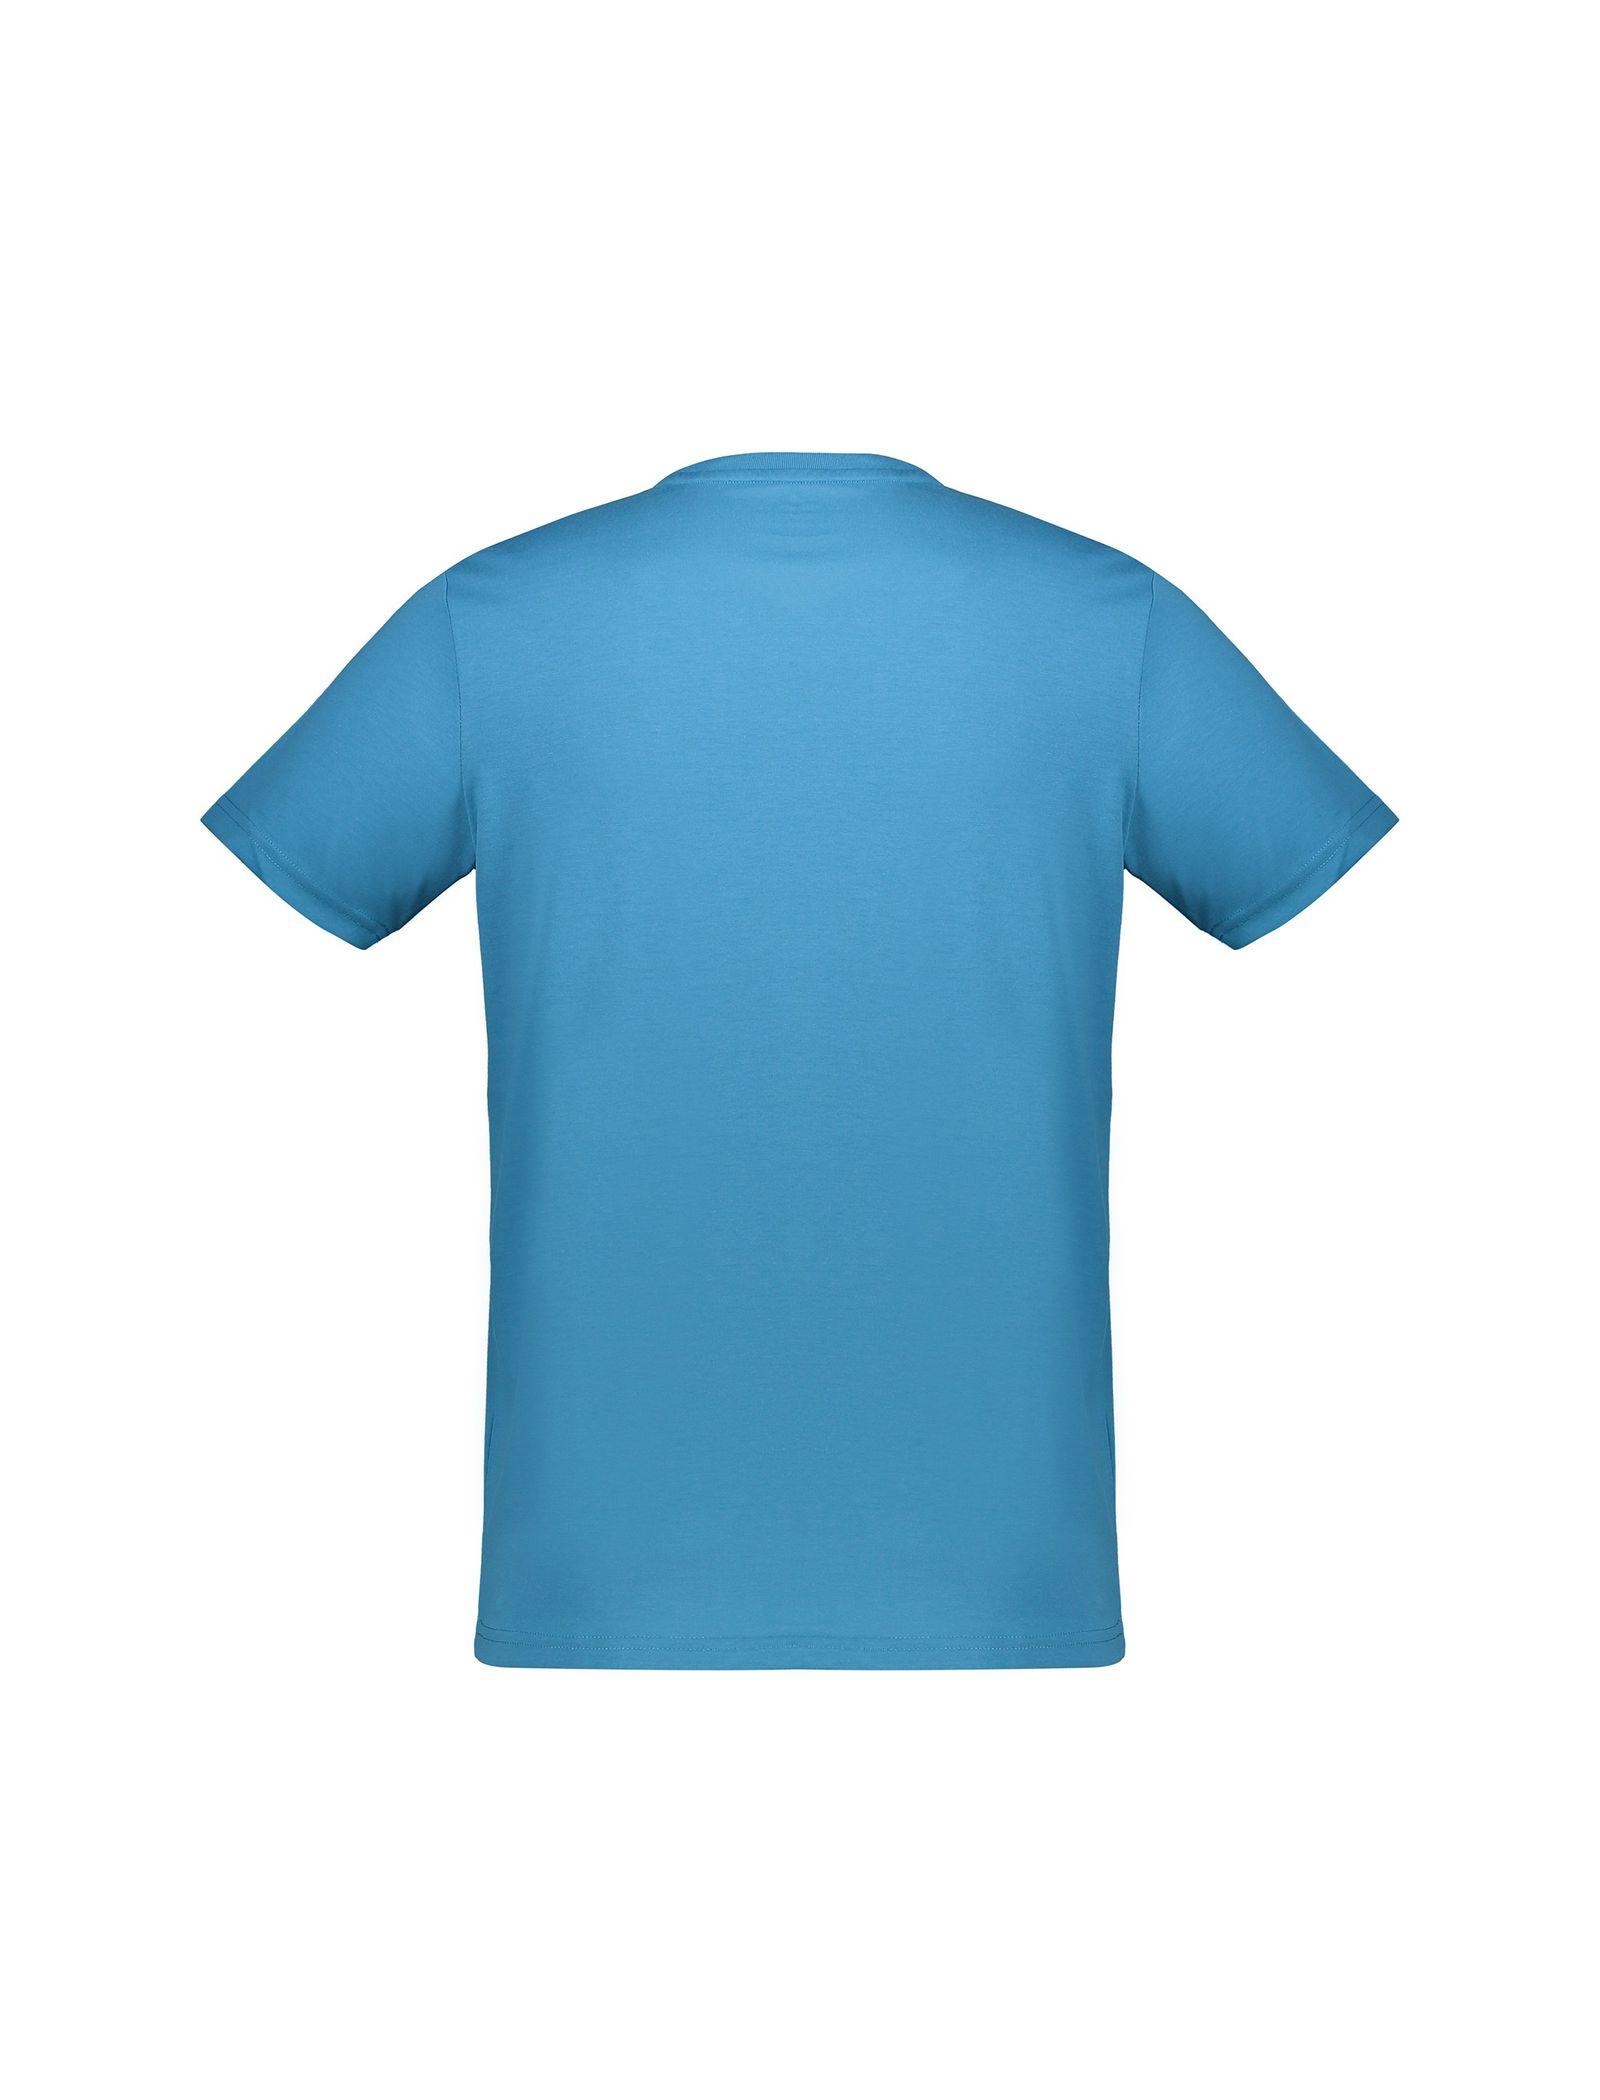 تی شرت یقه گرد مردانه - جک اند جونز - آبي - 2